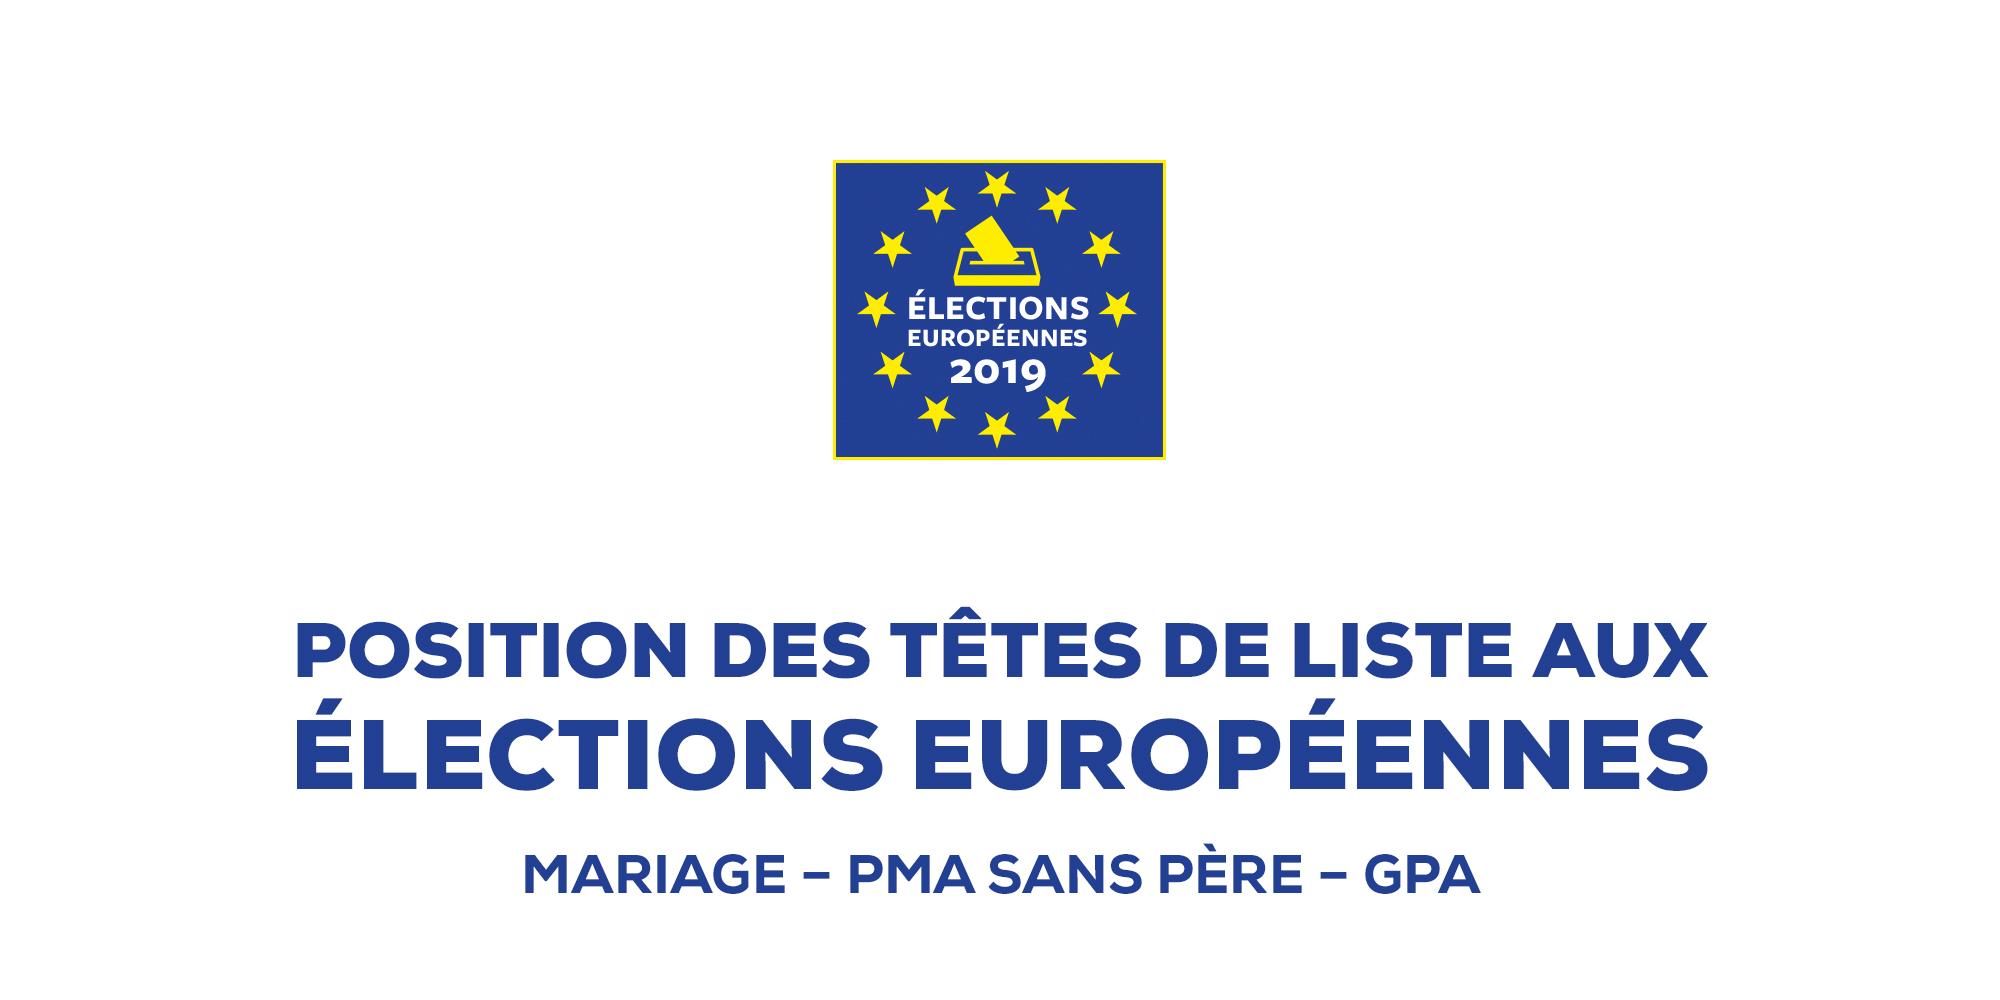 Image - Position des têtes de liste aux Européennes 2019